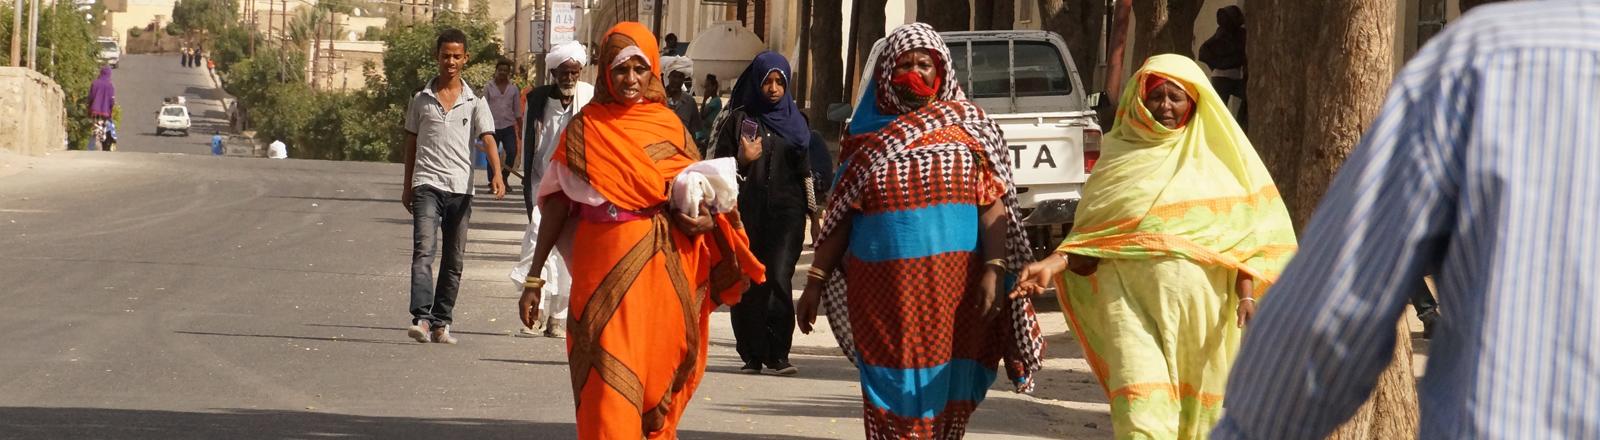 Straßenszene in der eritreischen Stadt Keren